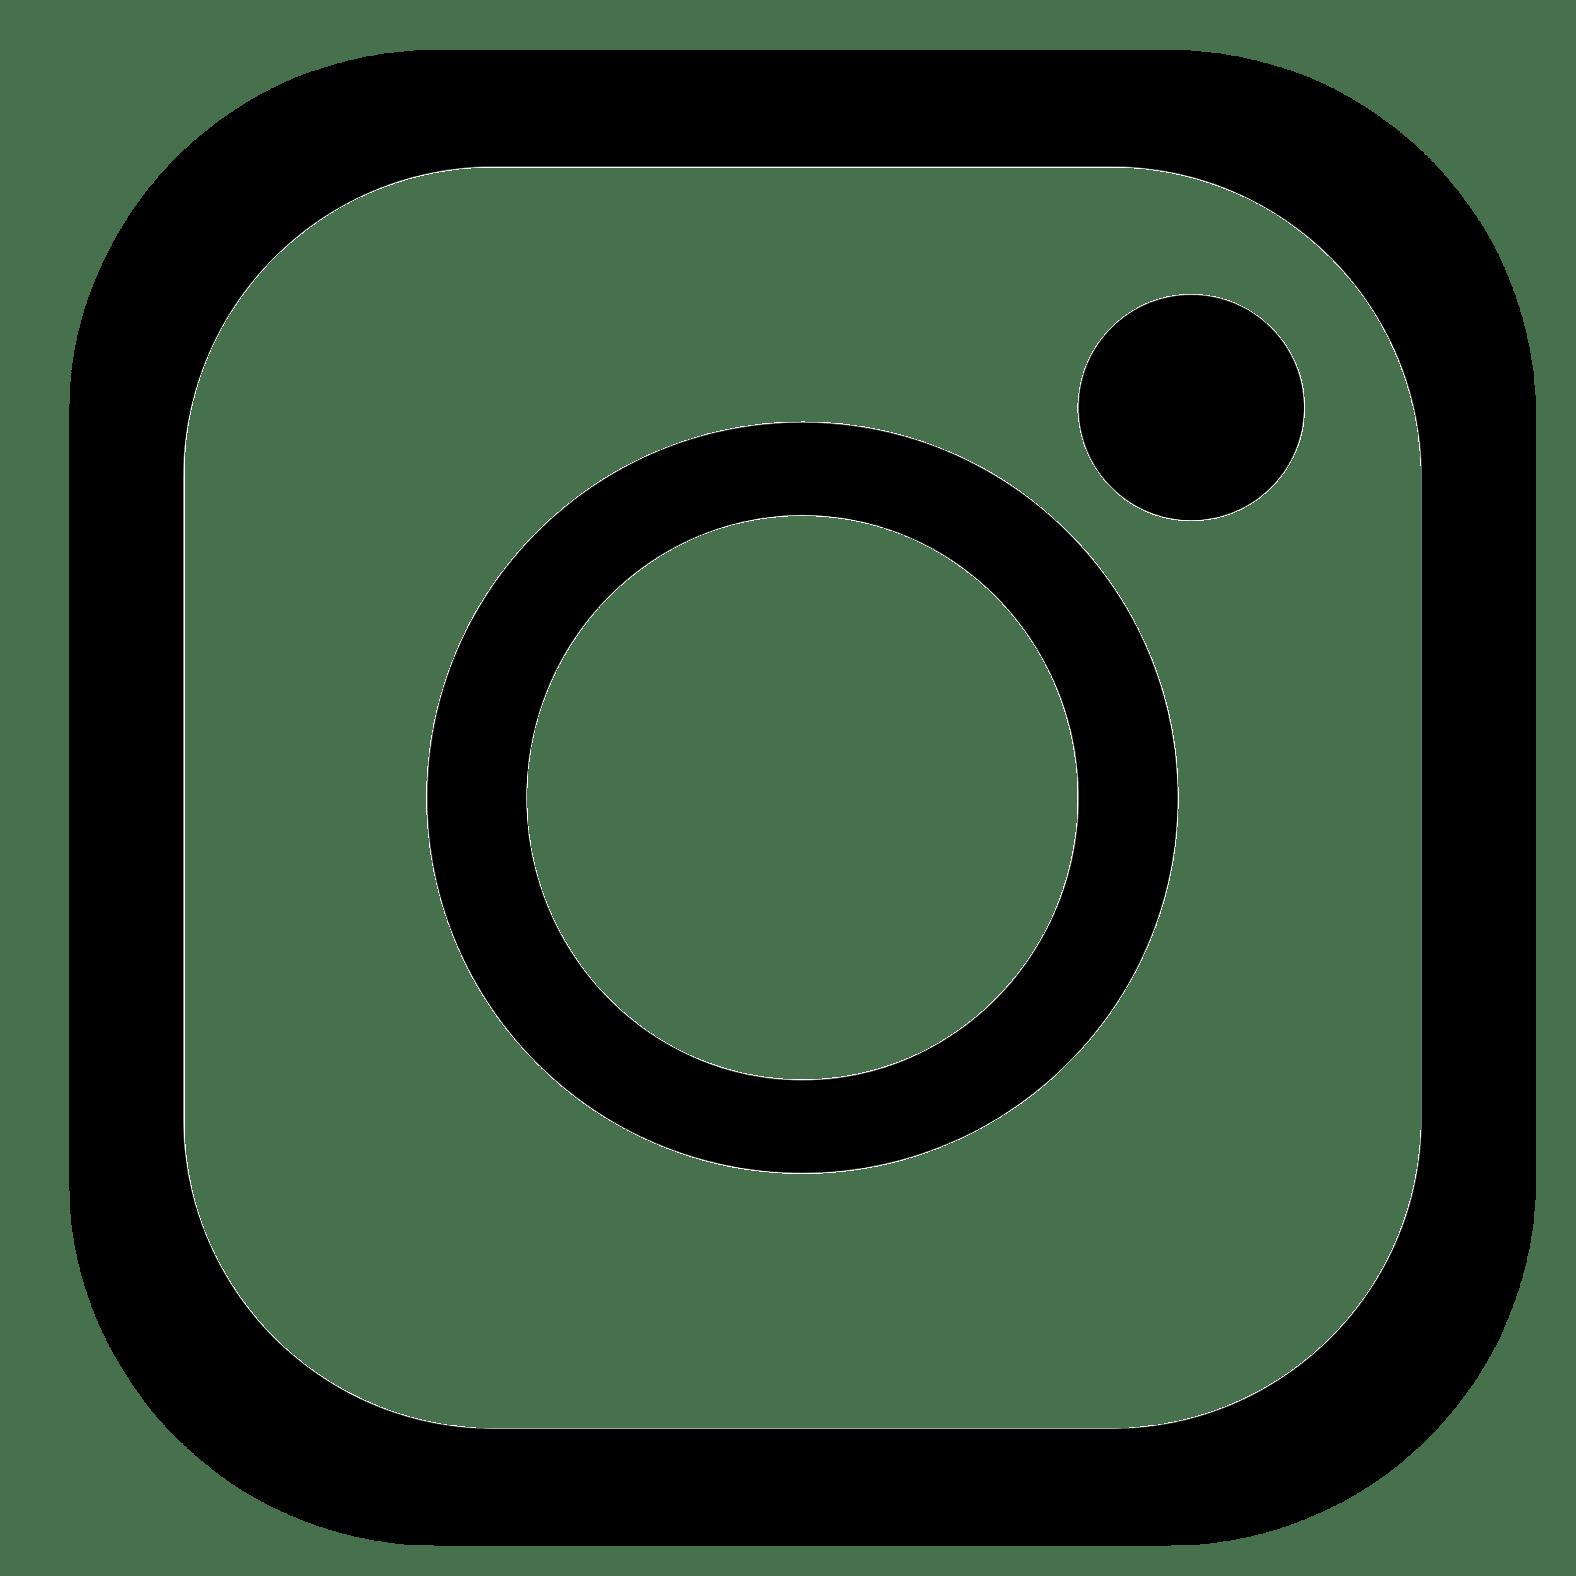 social-icon